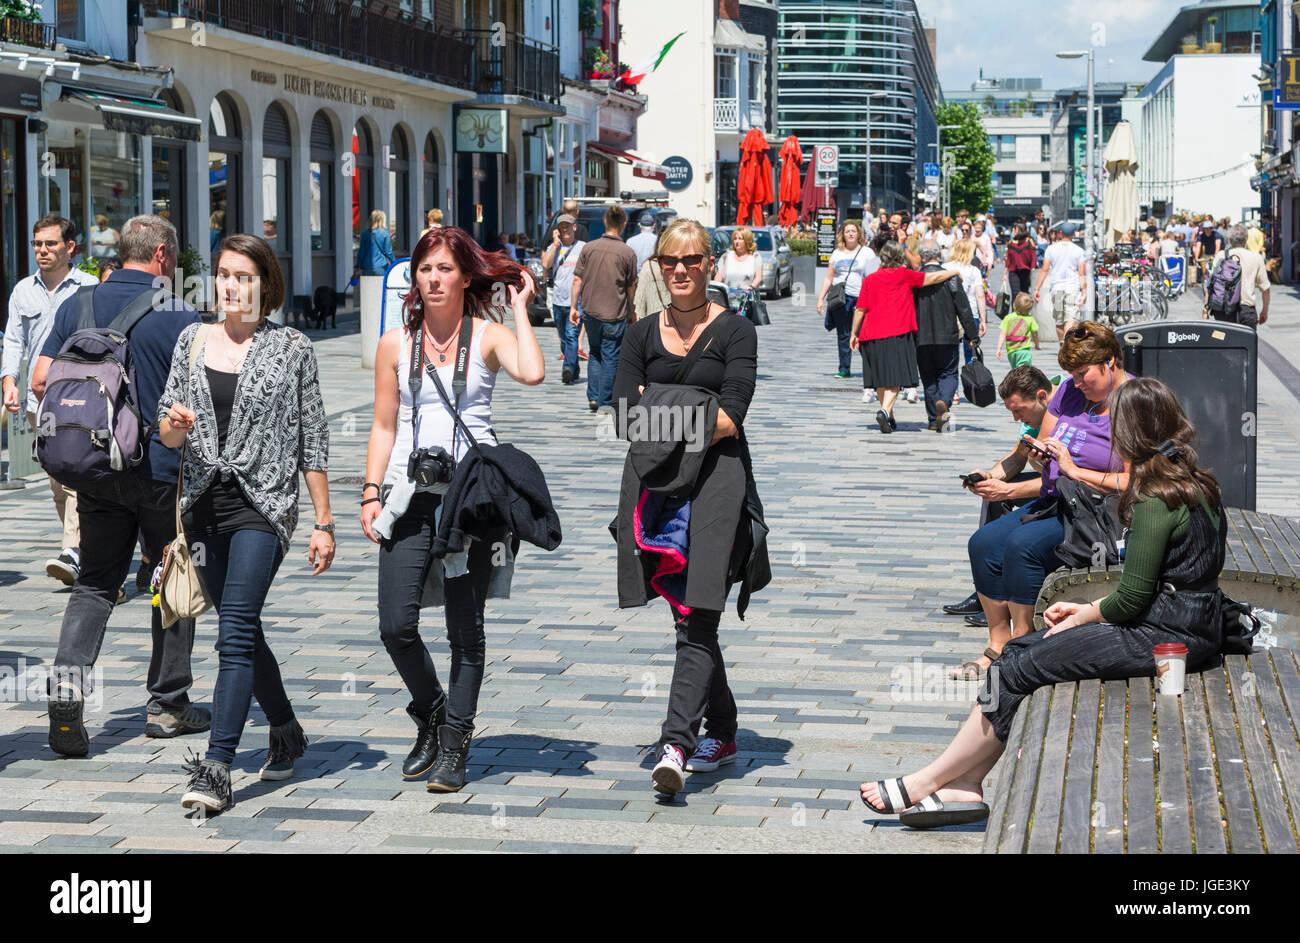 Les jeunes amis féminins et d'autres personnes à pied dans une zone piétonnière au Royaume Photo Stock